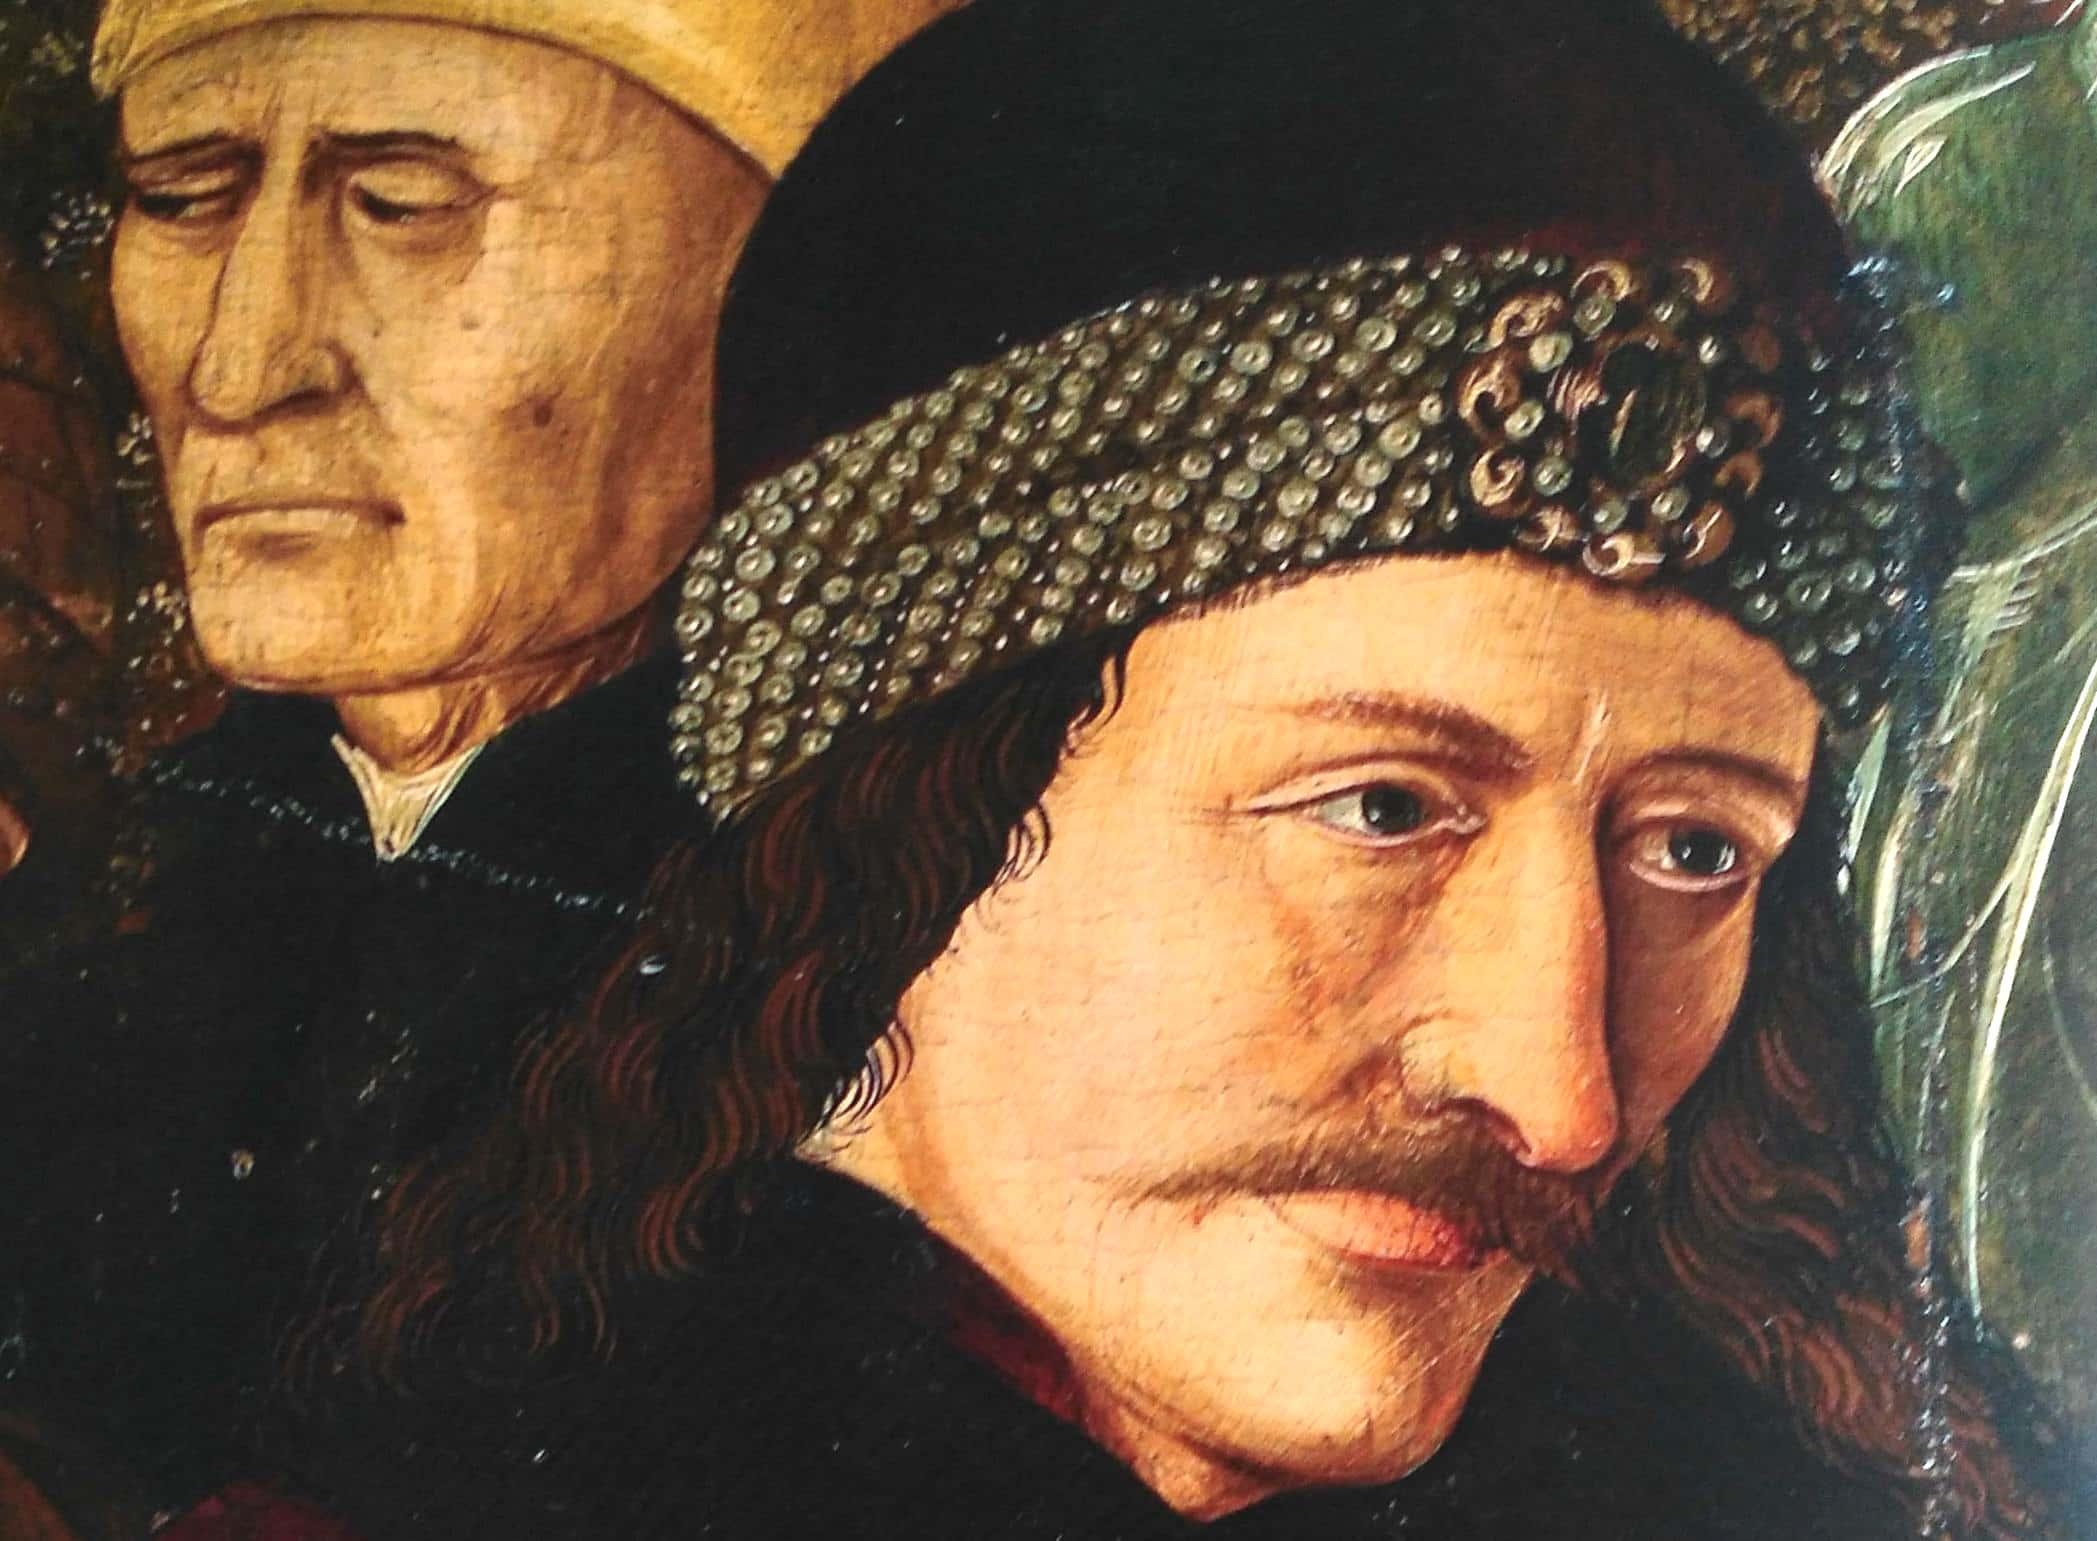 Vlad III Dracul facts